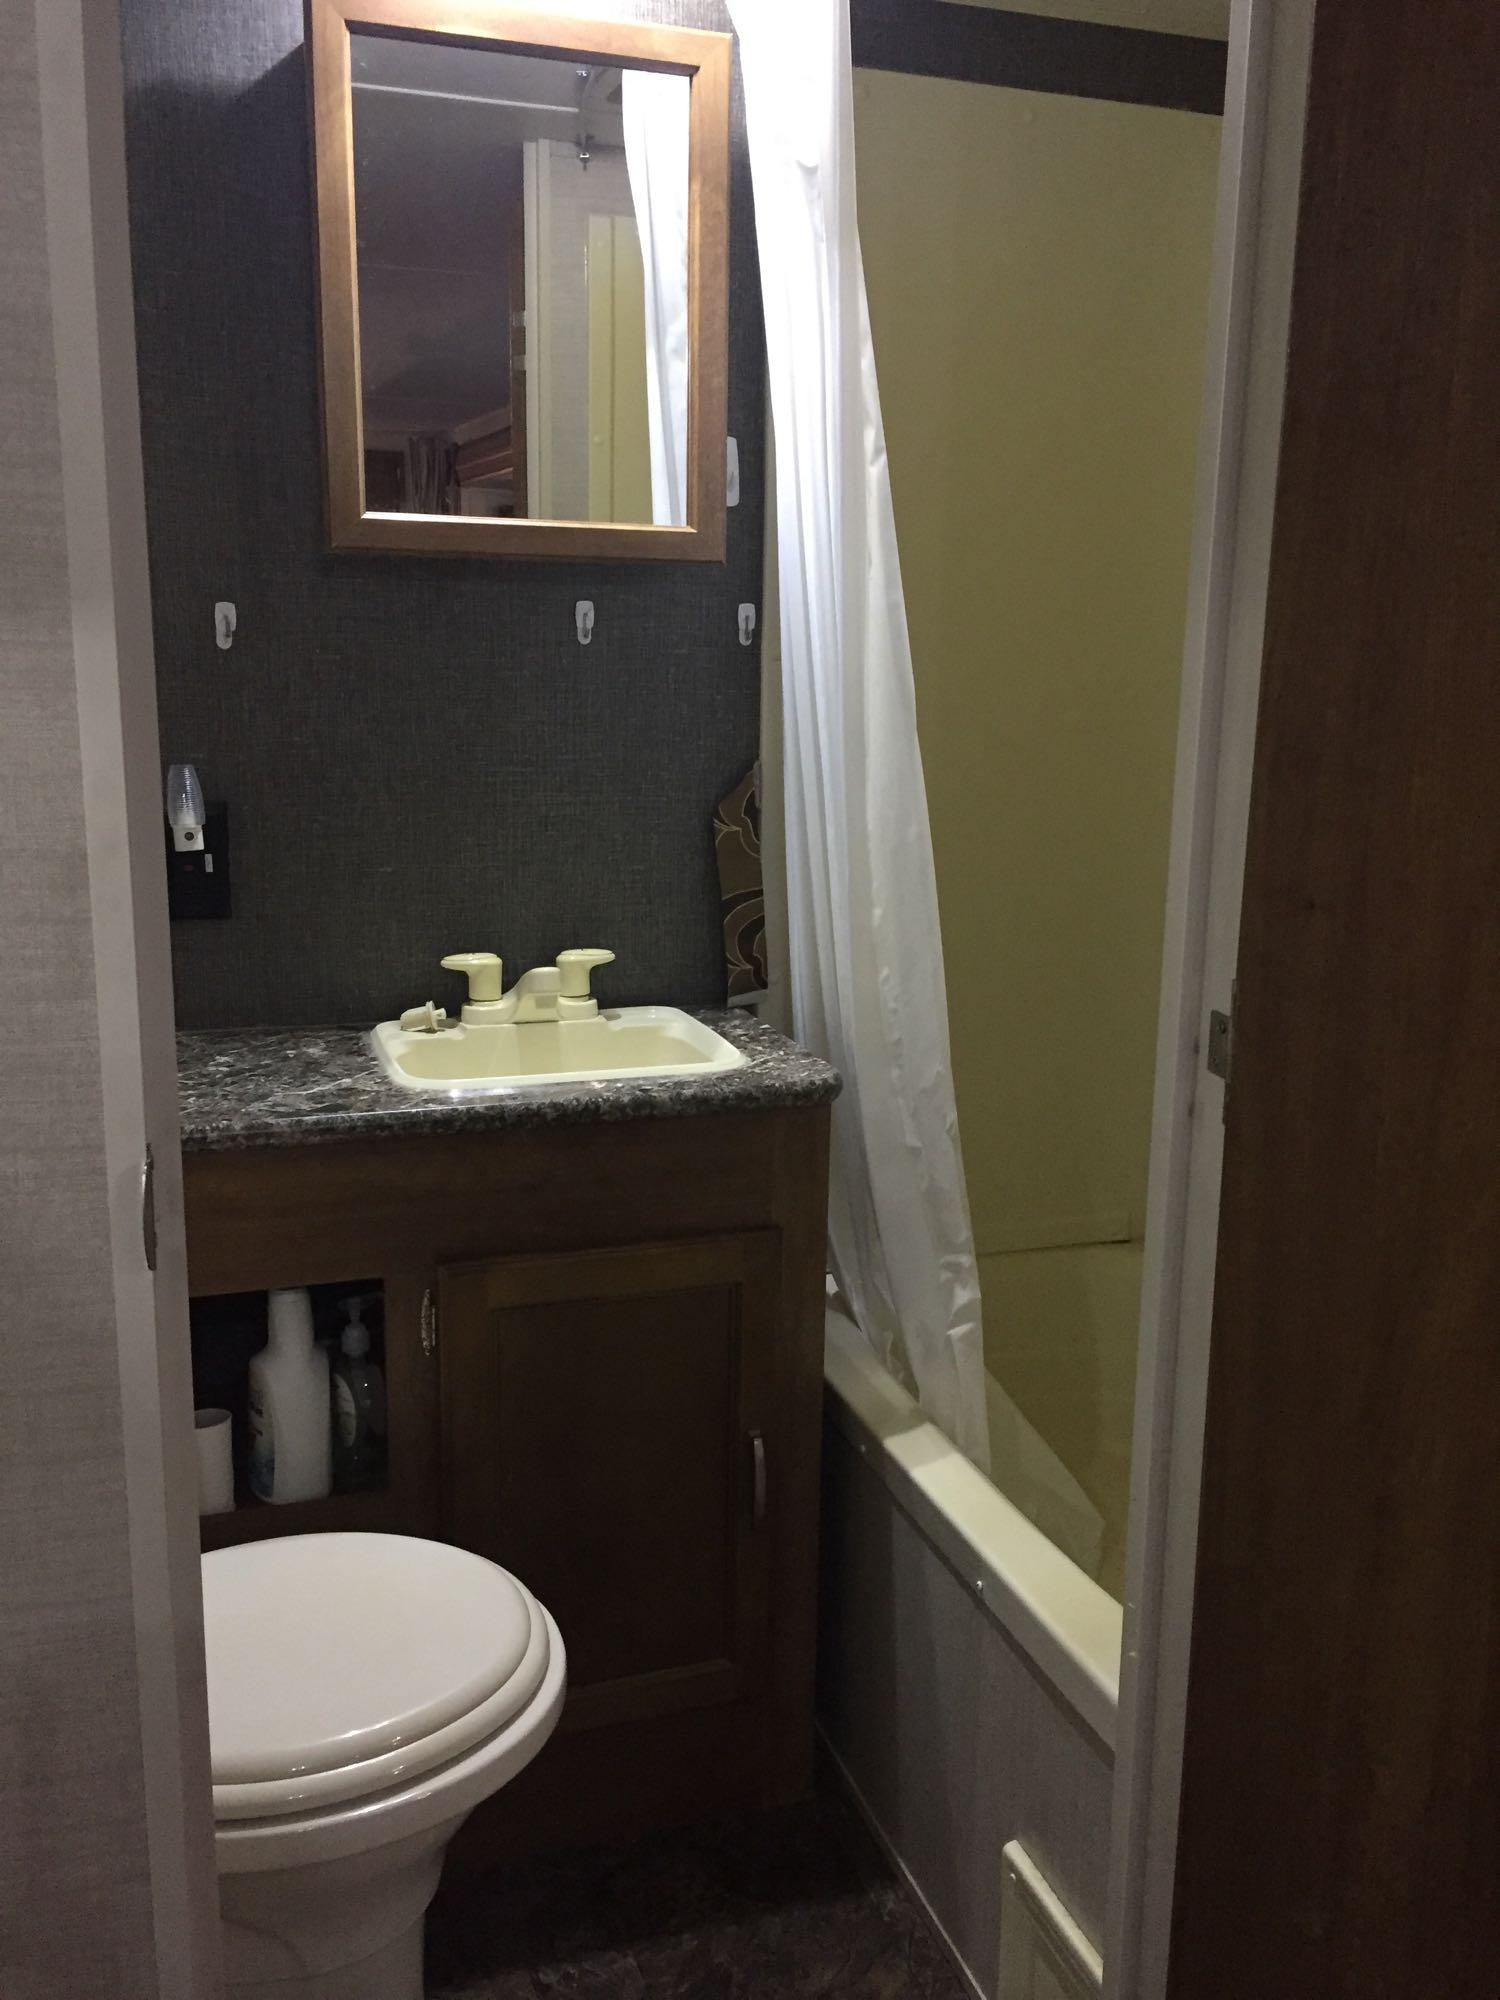 Bathroom with shower/tub. Keystone Summerland 2015